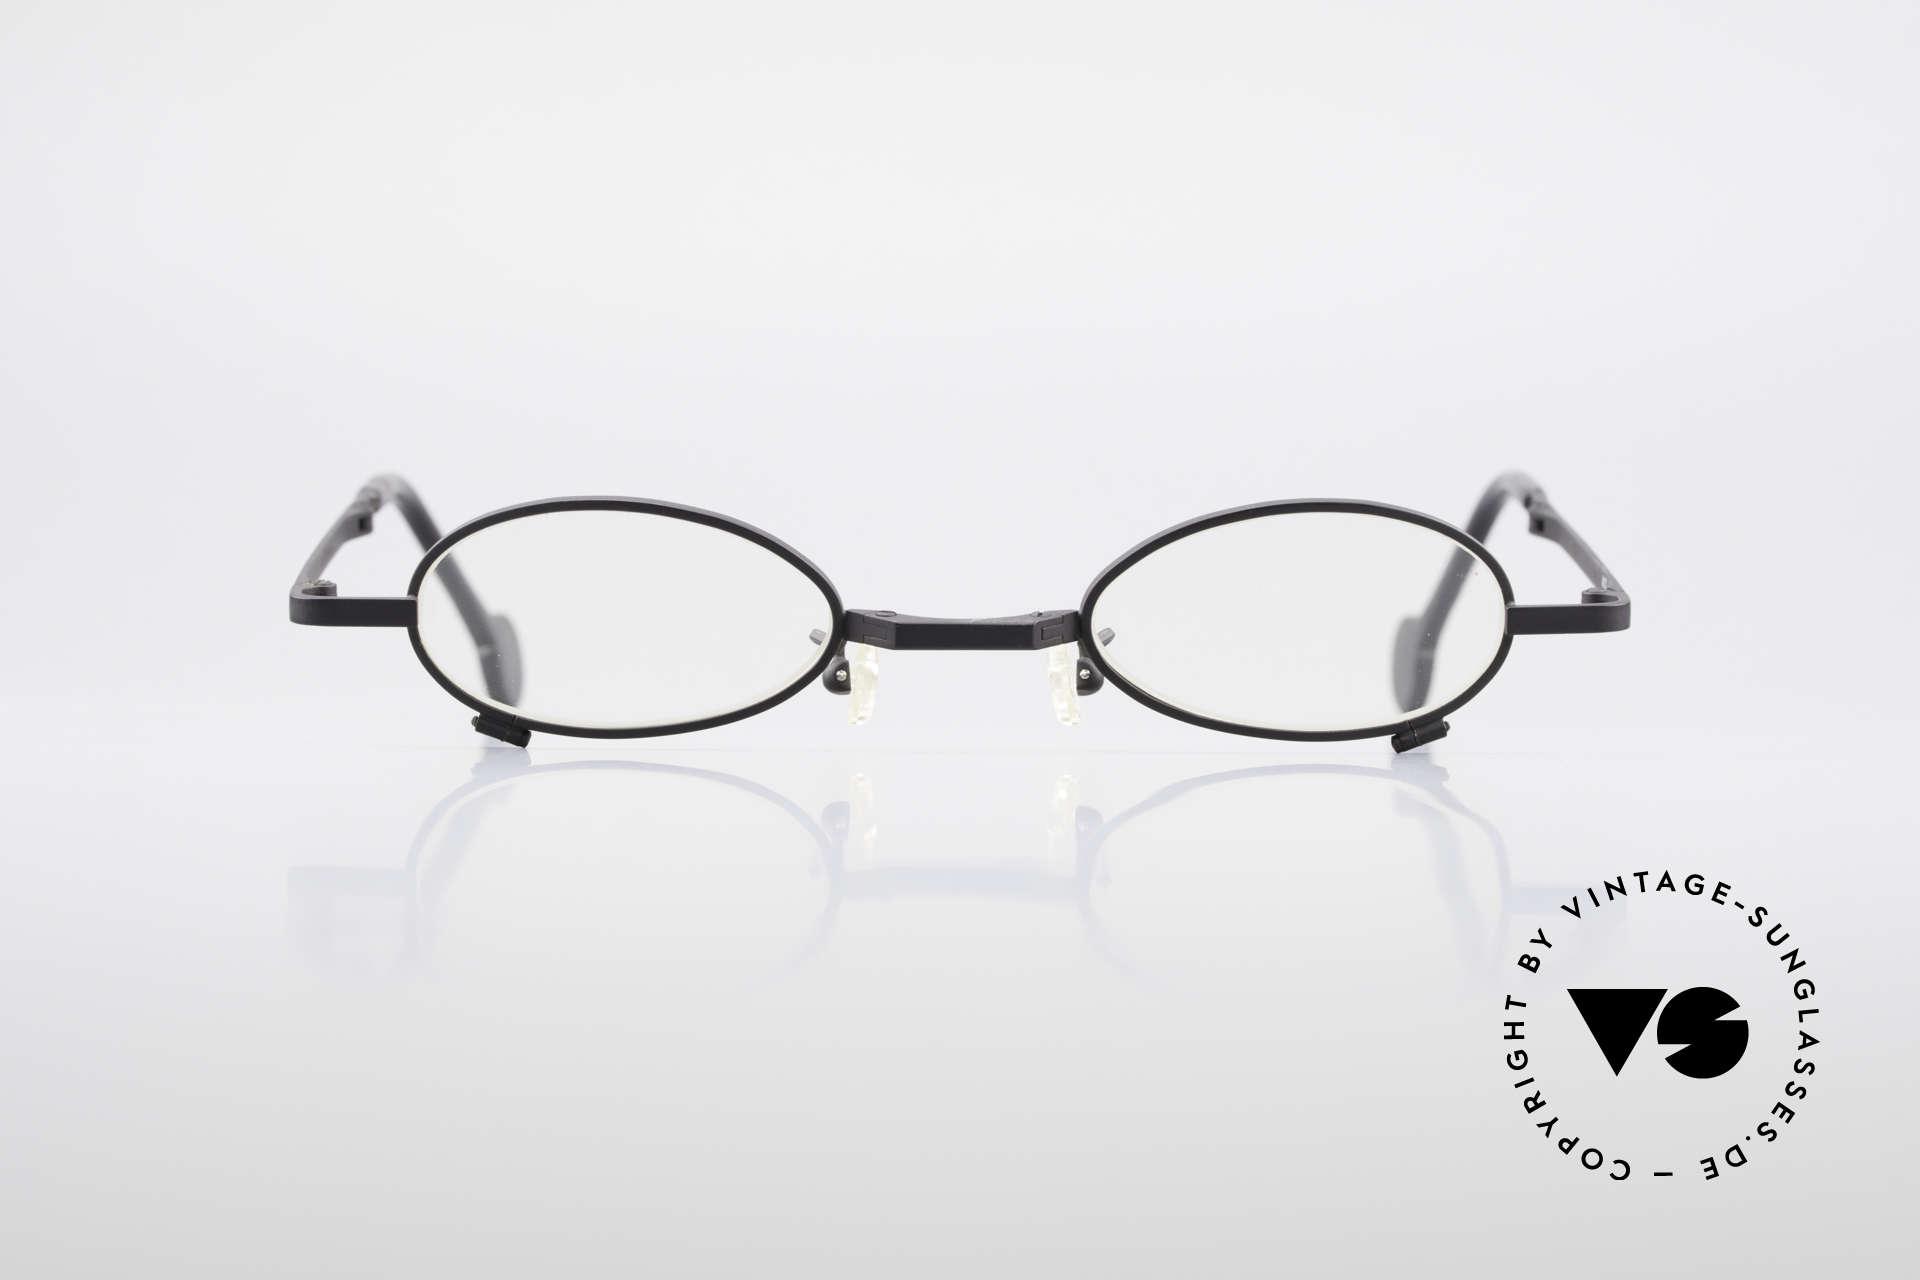 L.A. Eyeworks TIO 412 Brille zum Falten Faltbrille, handgefertigt, mit den charakteristischen Bügelenden, Passend für Herren und Damen